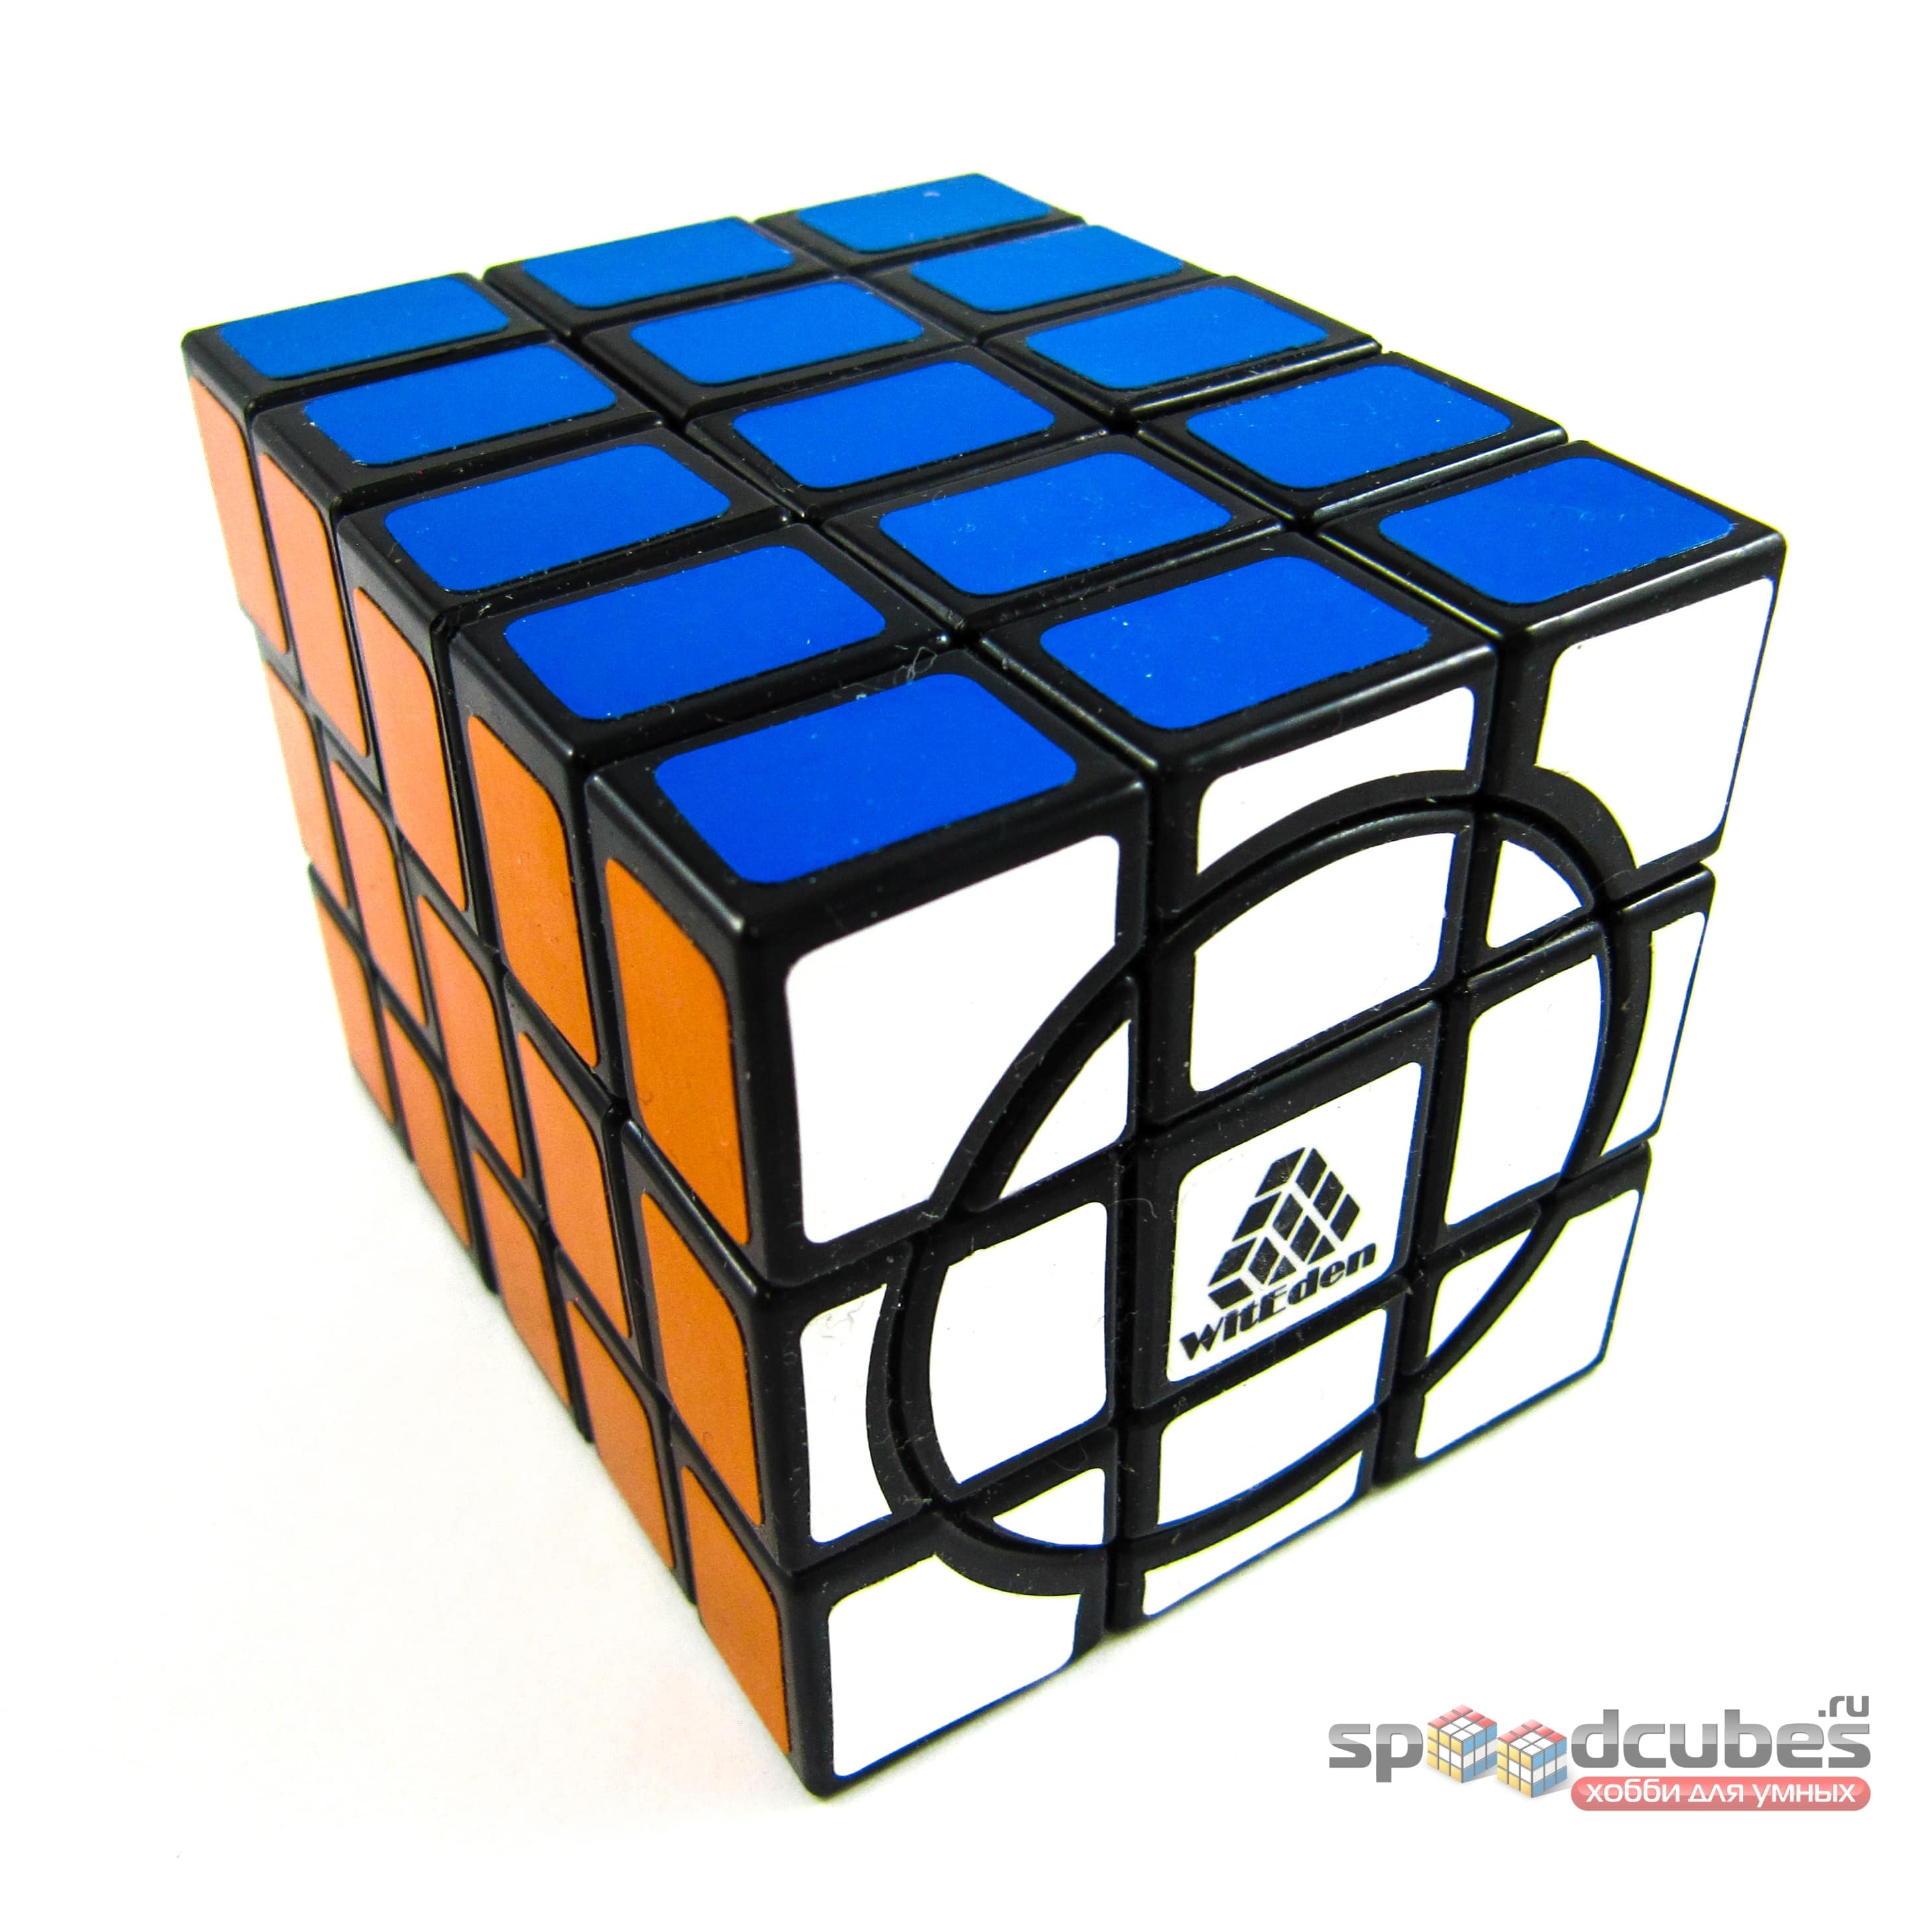 WitEden 3x3x5 Super